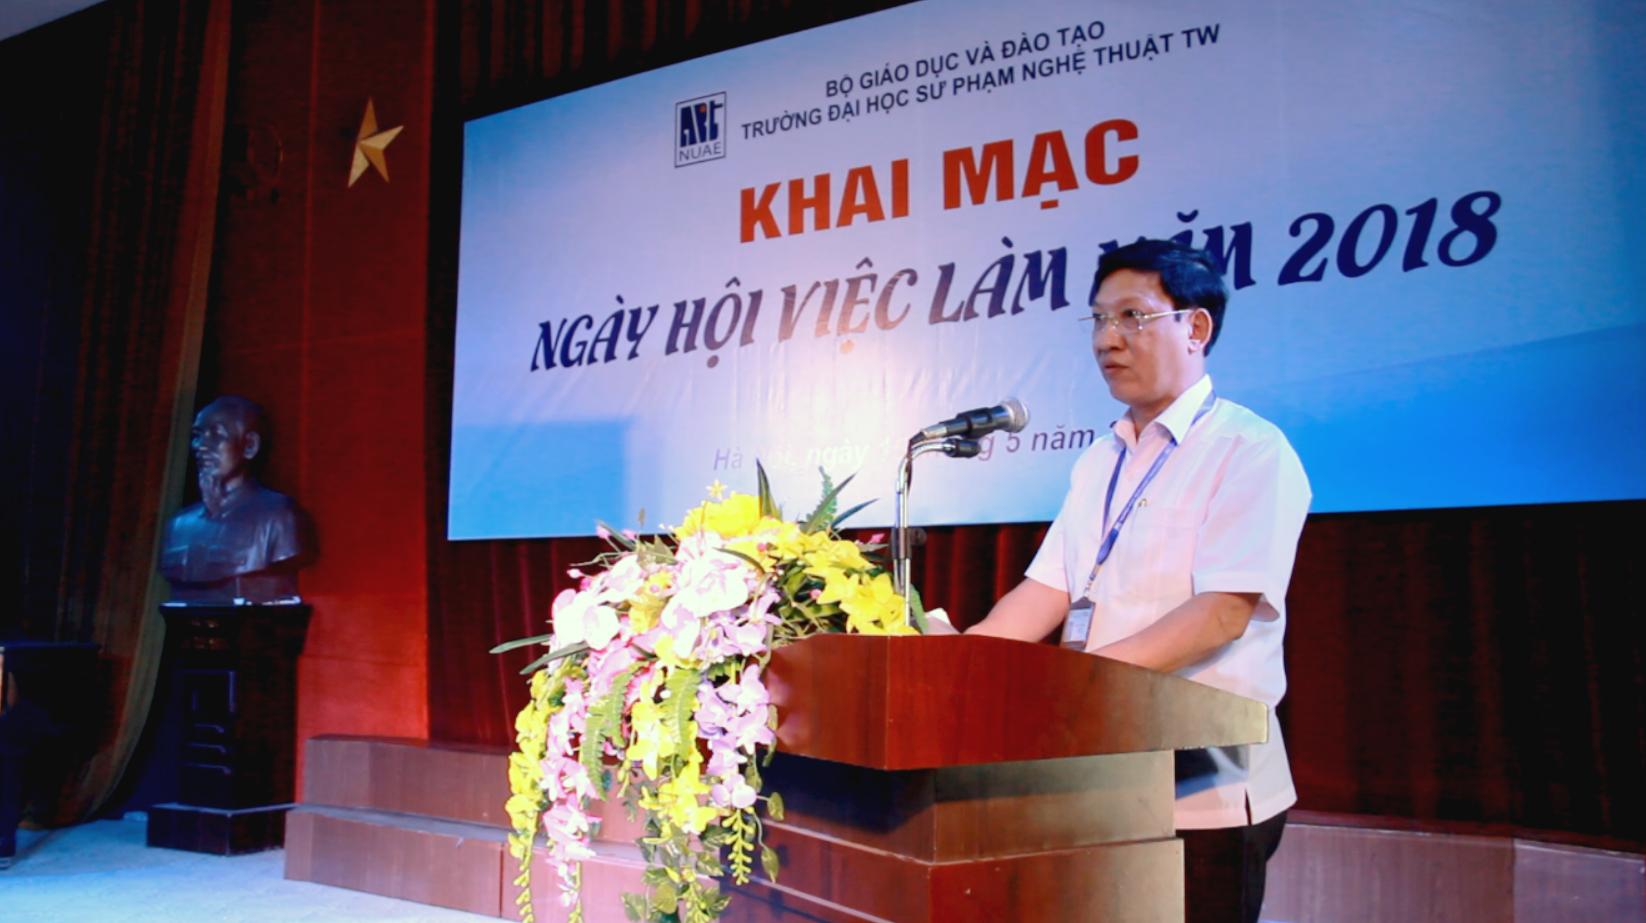 PGS.TS.Đào Đăng Phượng– Hiệu trưởng phát biểu khai mạc Ngày hội việc làm